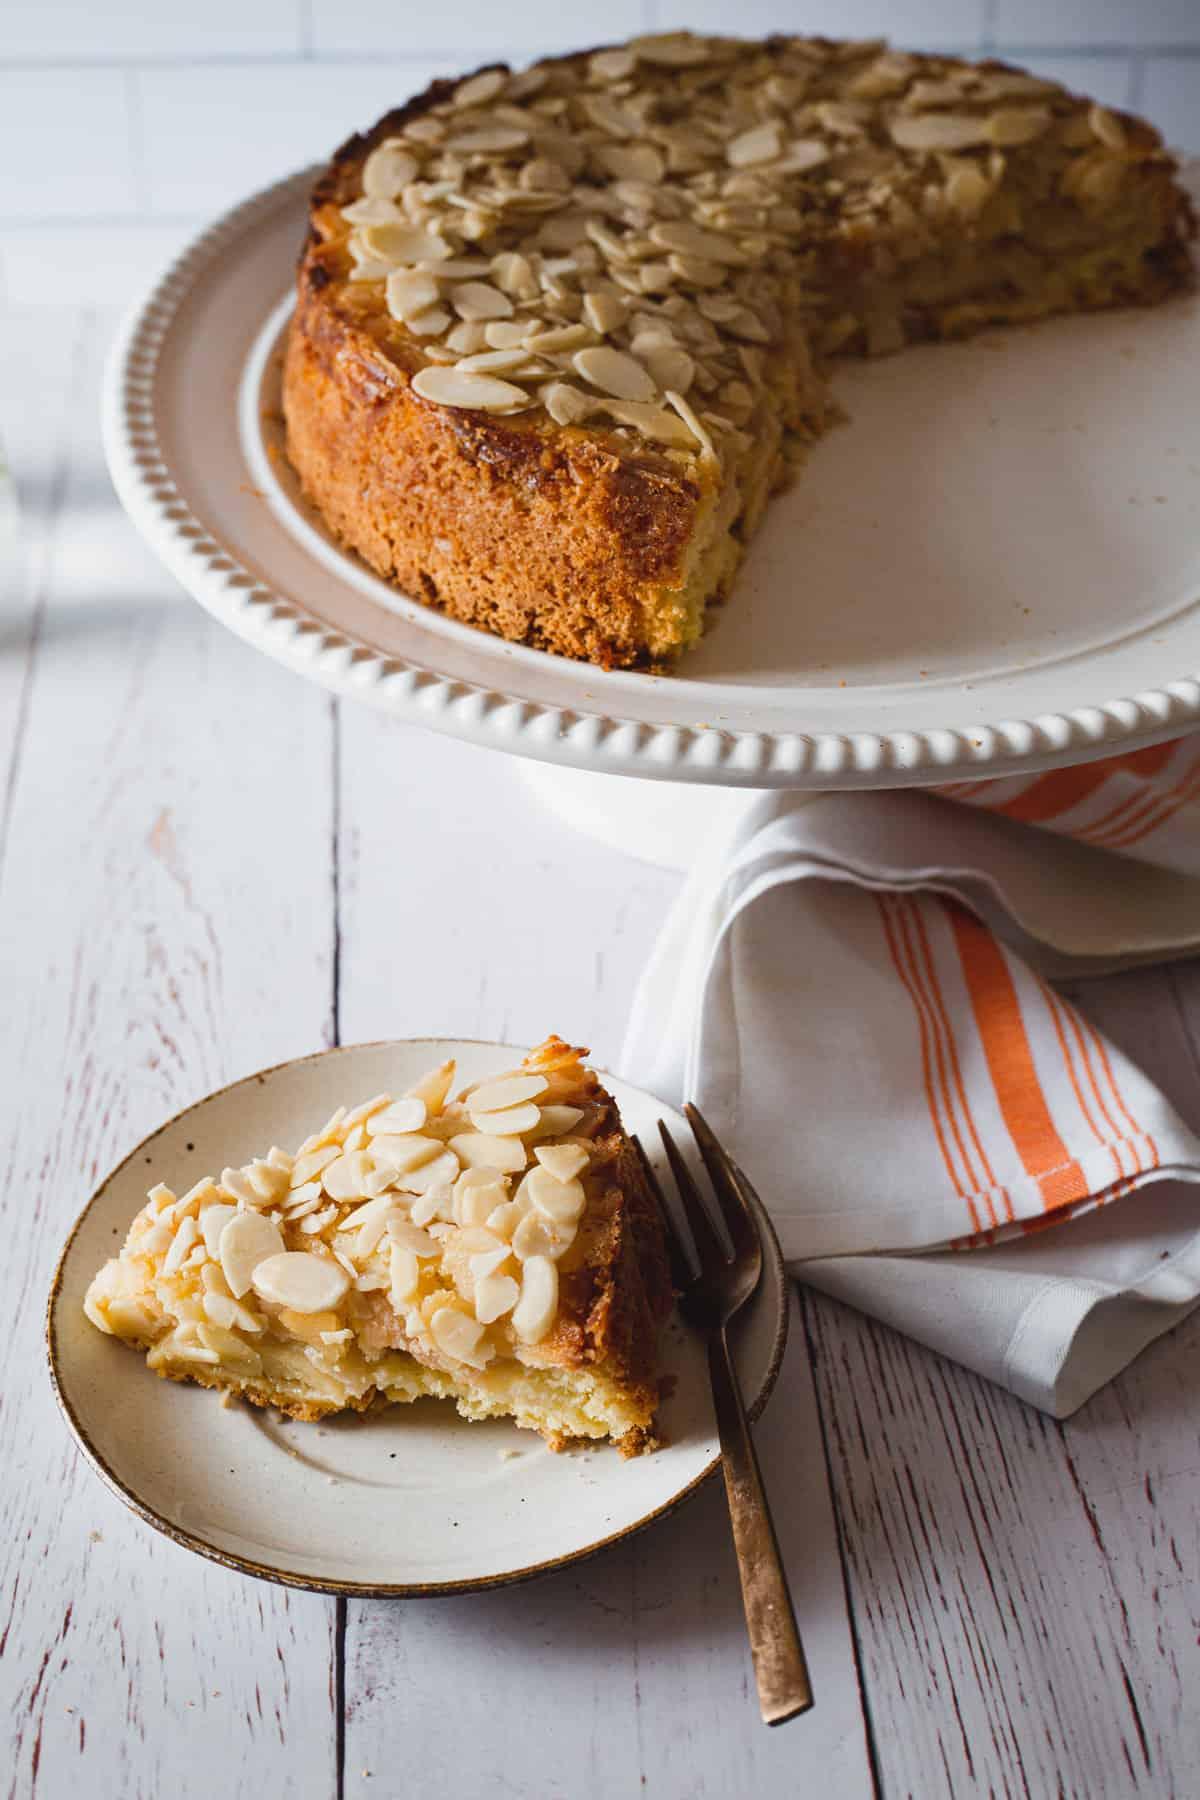 apple cake slice against cake